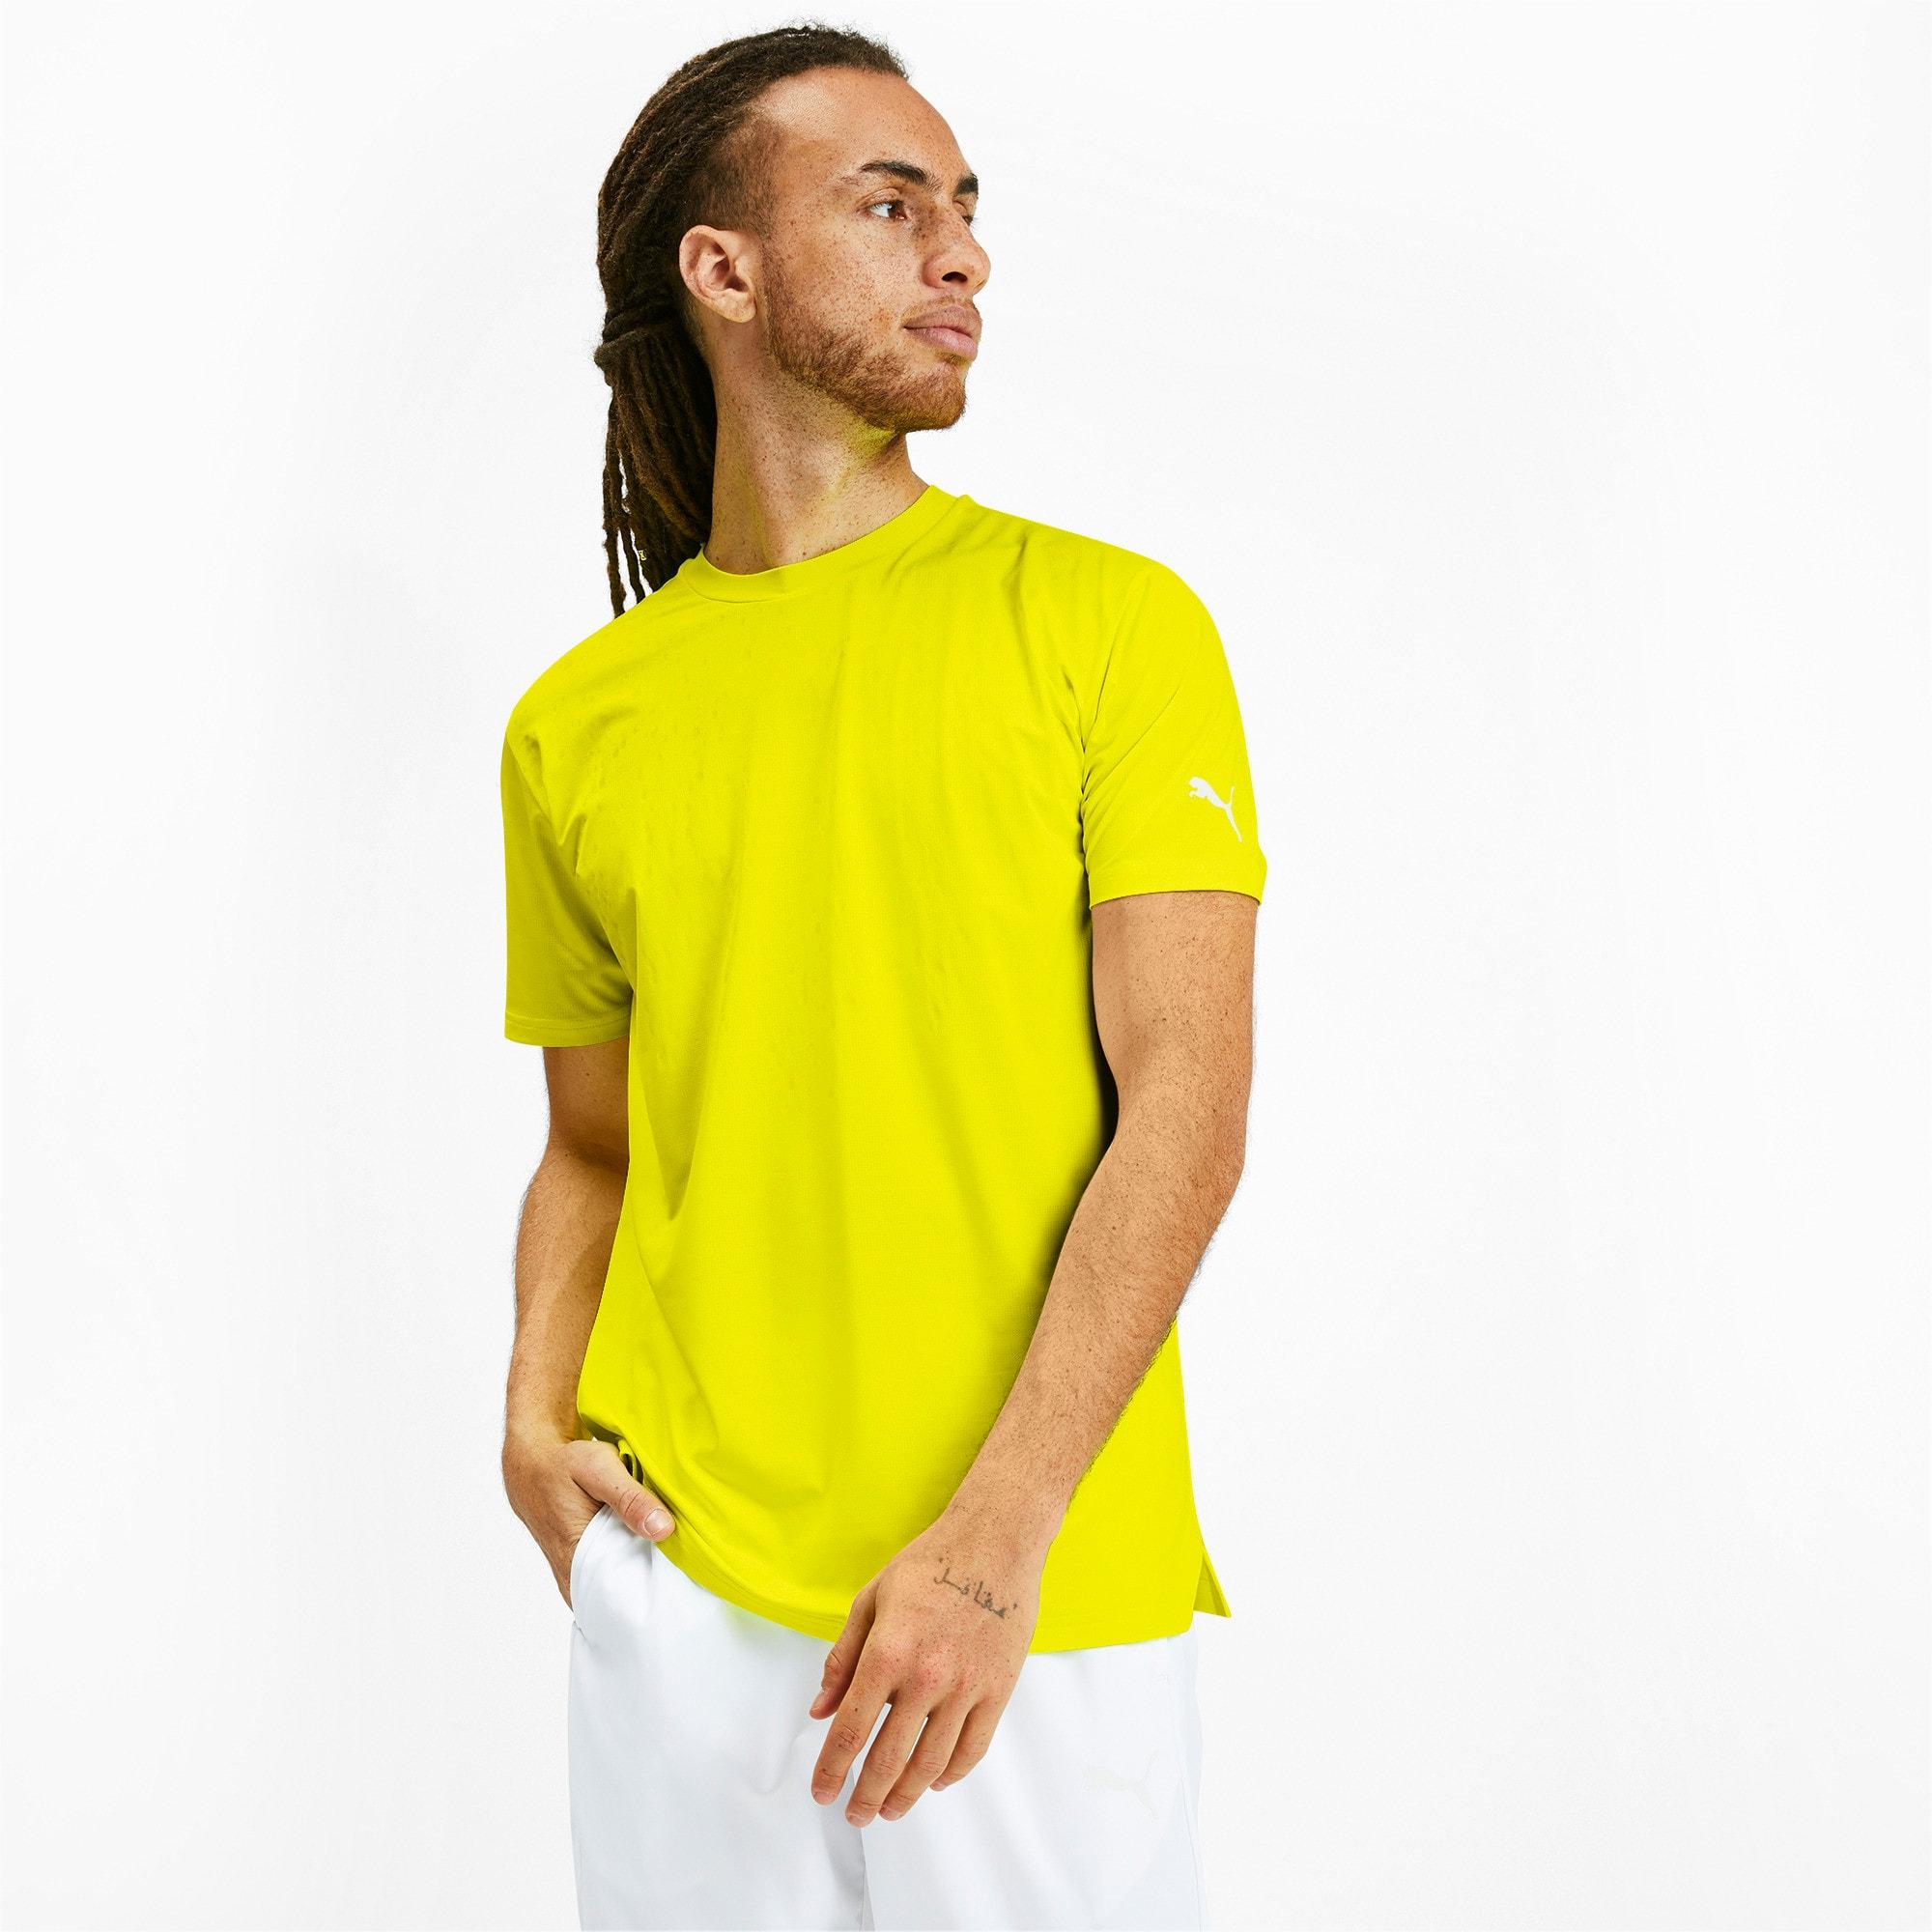 Miniatura 1 de Camiseta reflectante Tech para hombre, Yellow Alert, mediano